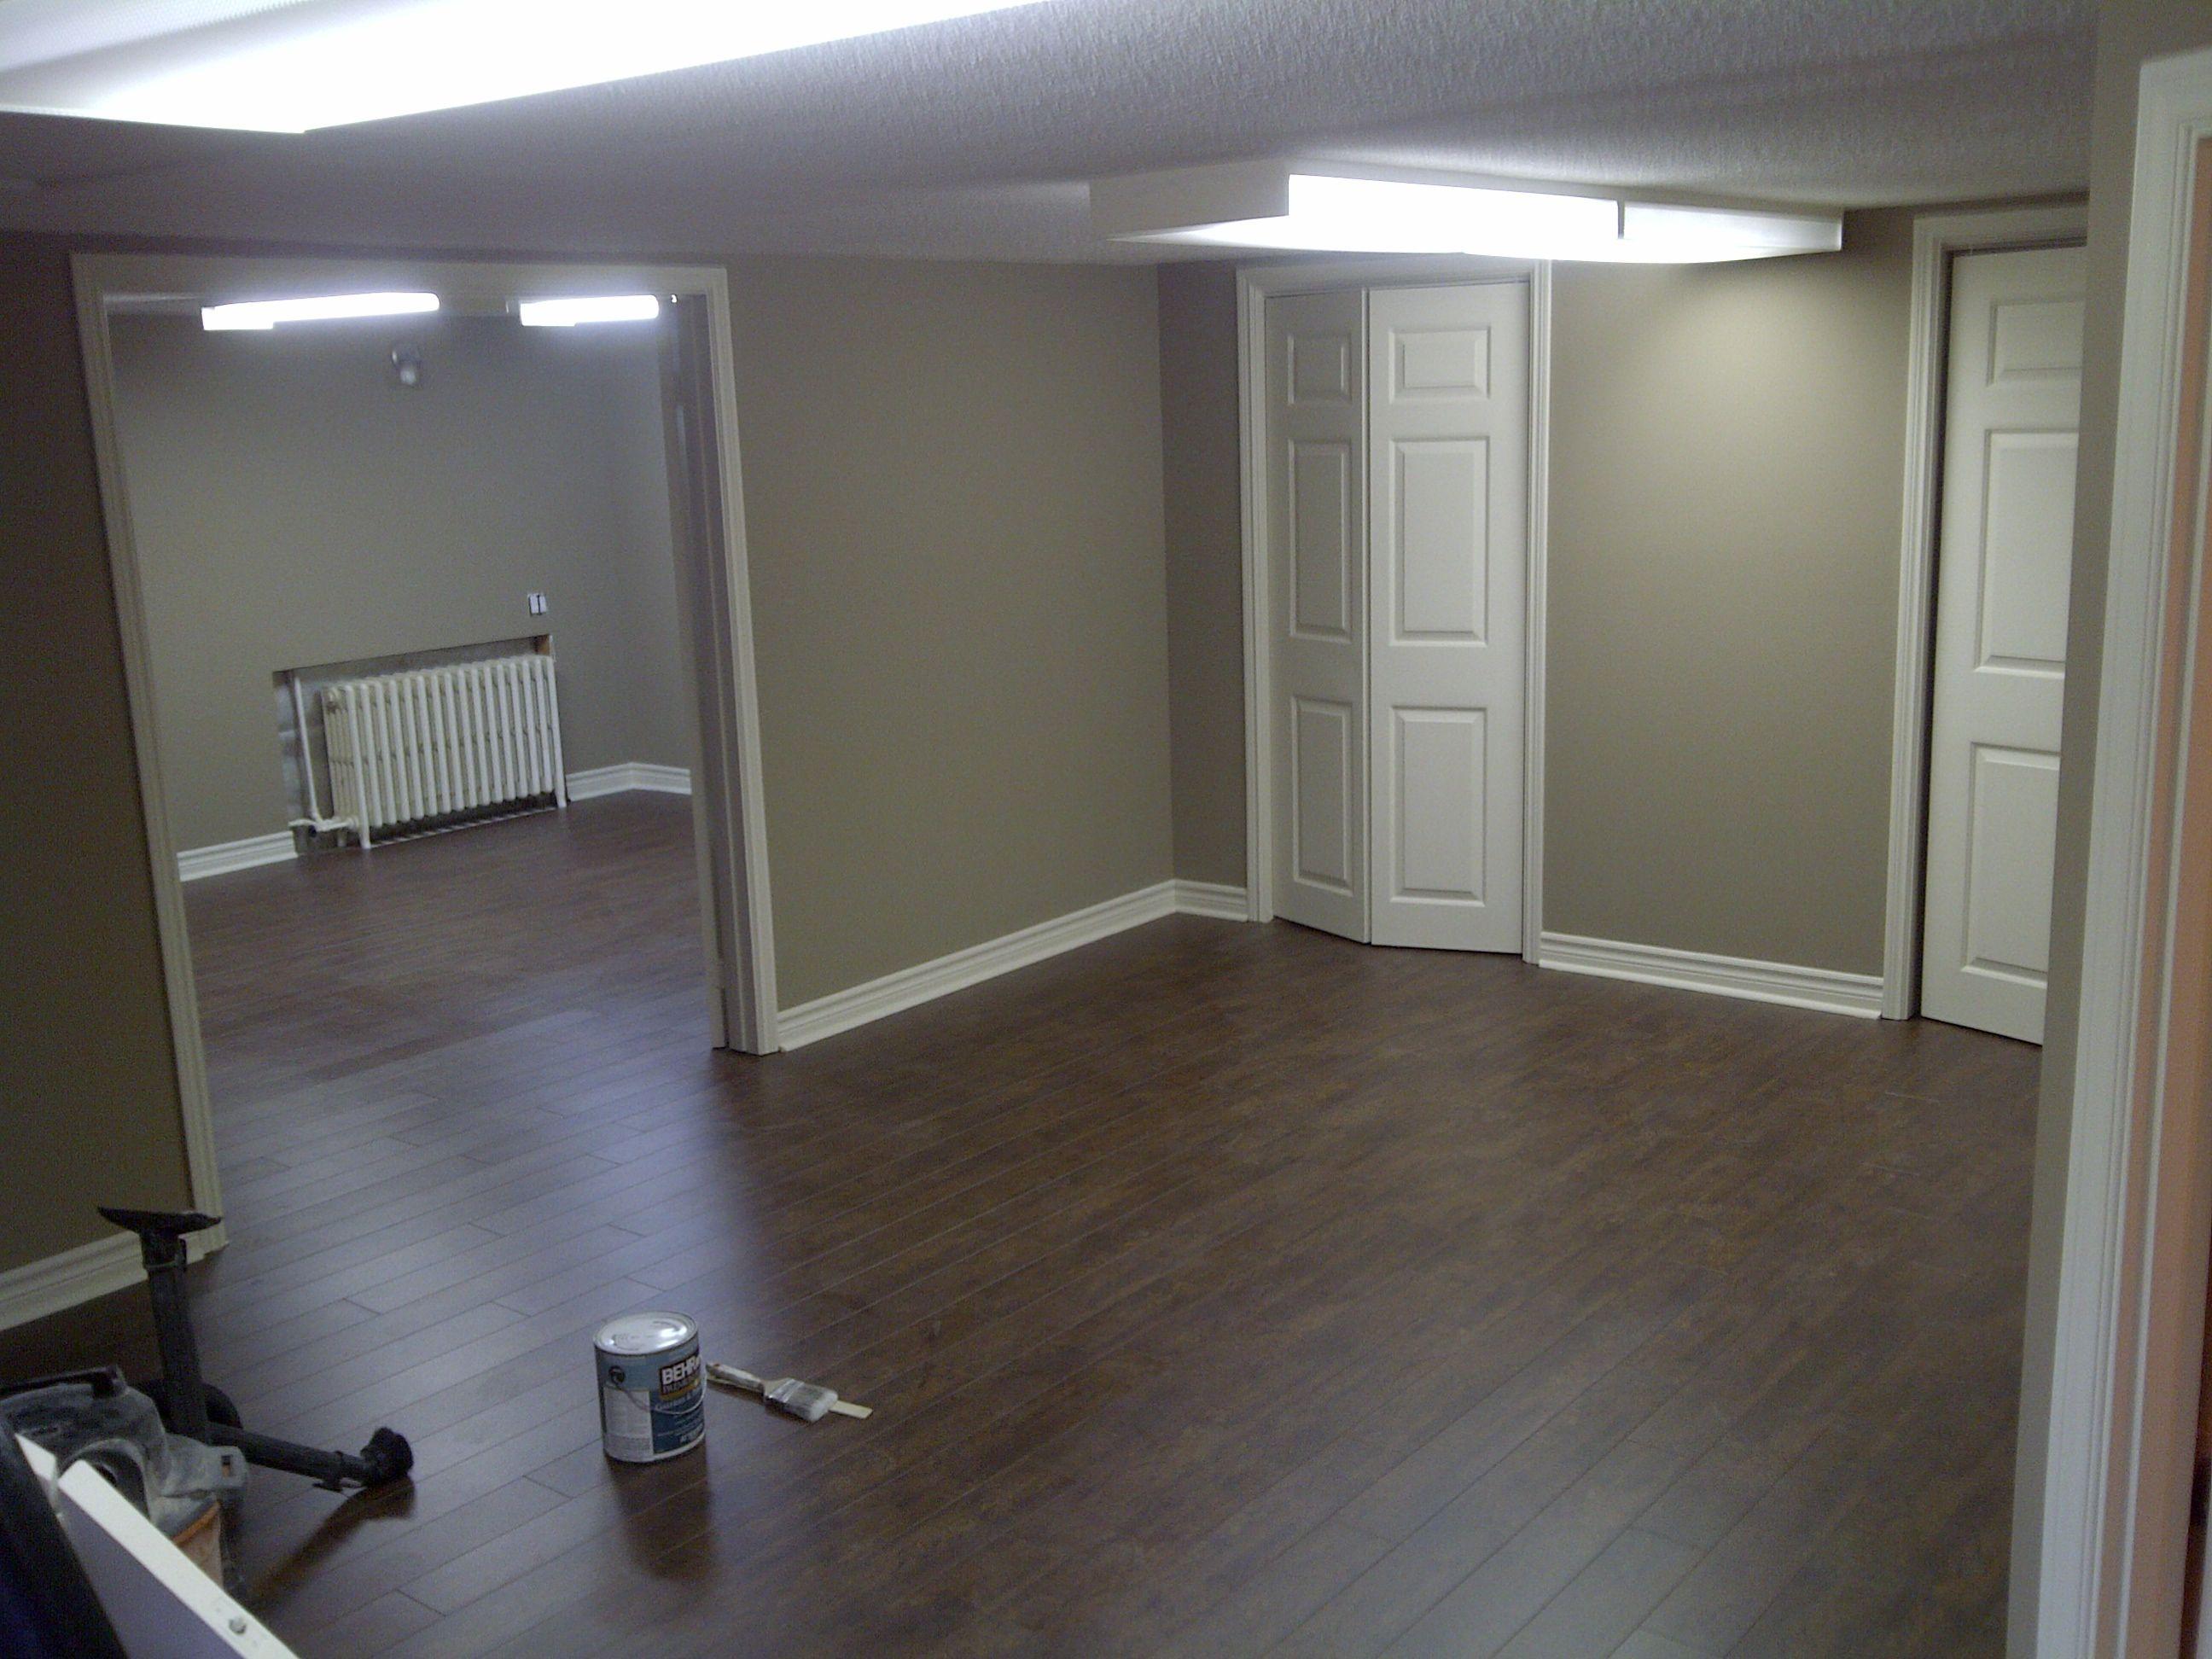 Laminate Flooring Basements Laminate Flooring Gray Wood Laminate Flooring Laminate Flooring For Basement Laminate Flooring In Kitchen